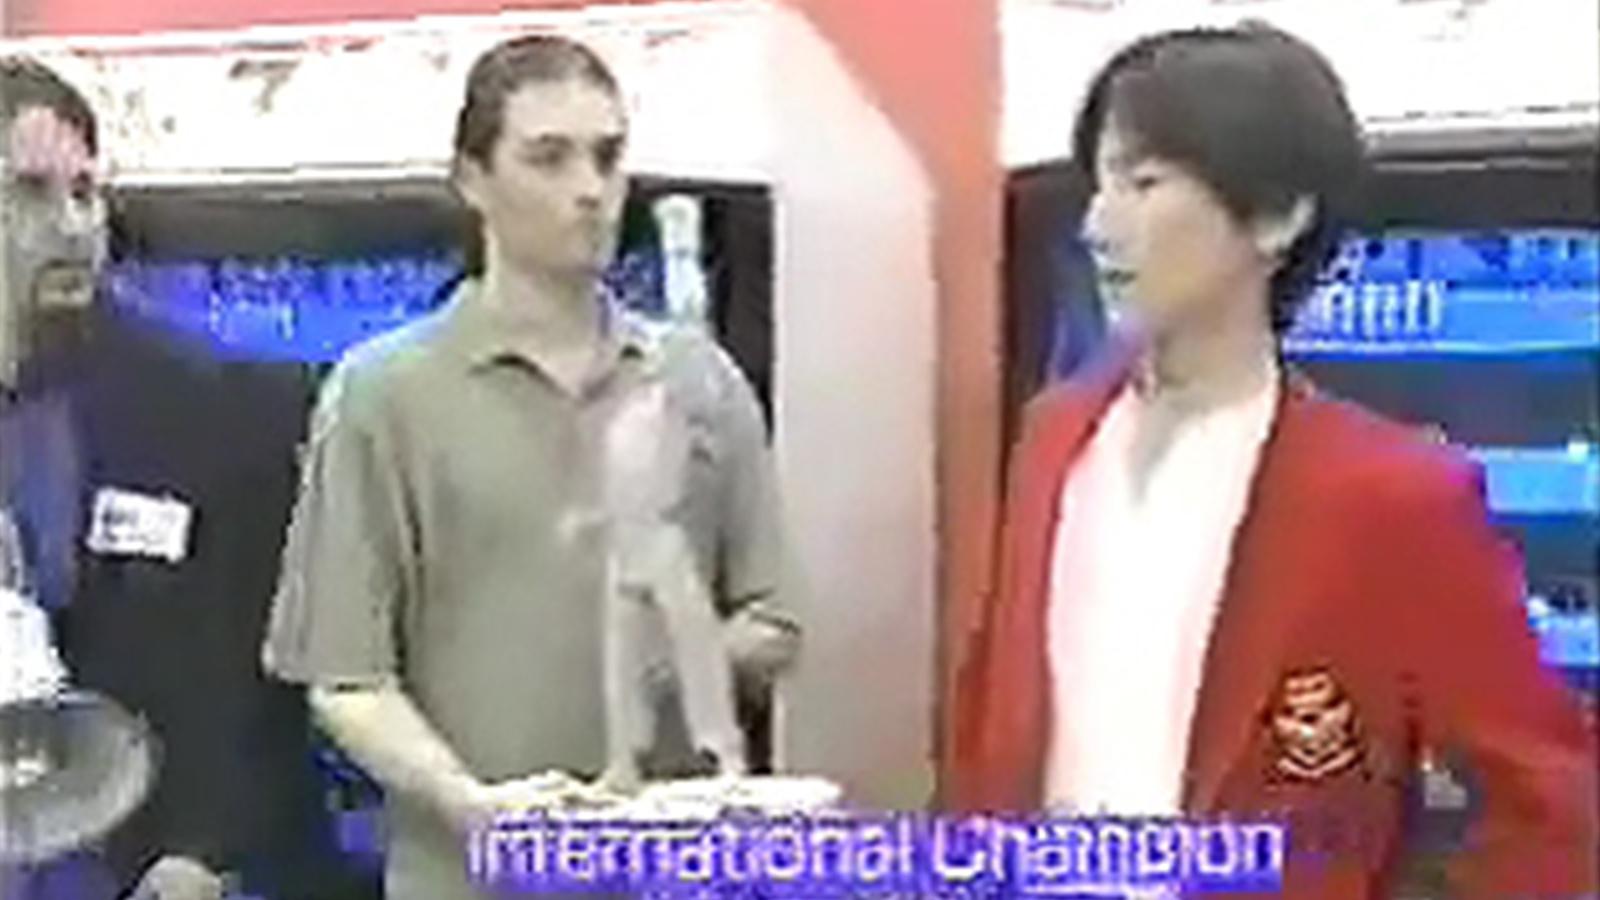 早在20年前,梅原大吾就遠征美國並斬獲人生中第一個世界冠軍